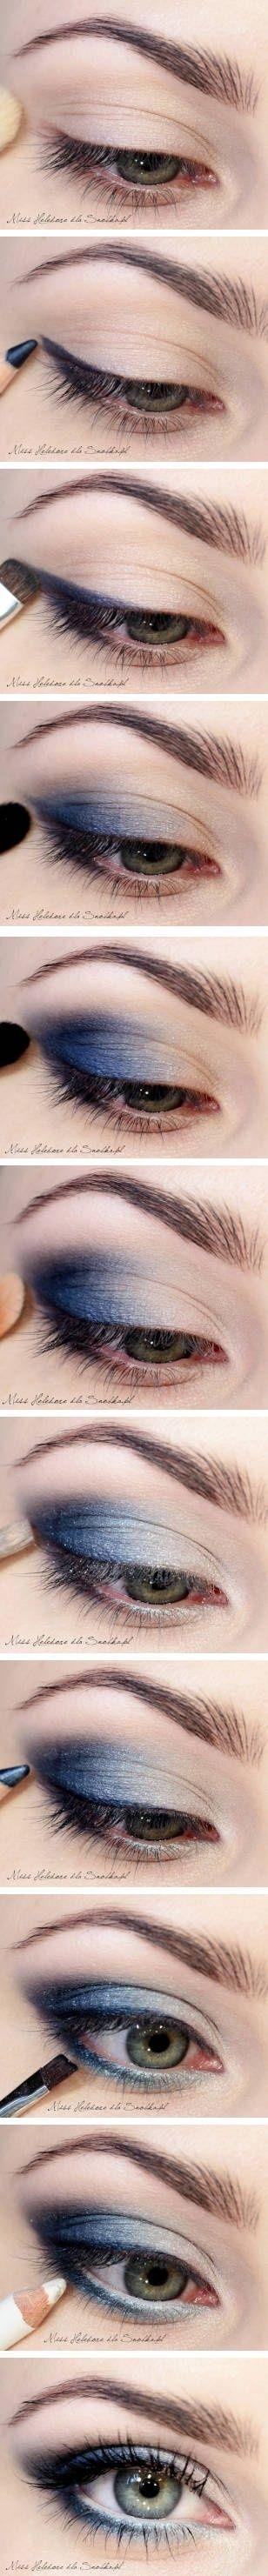 Smoky Eye Technique